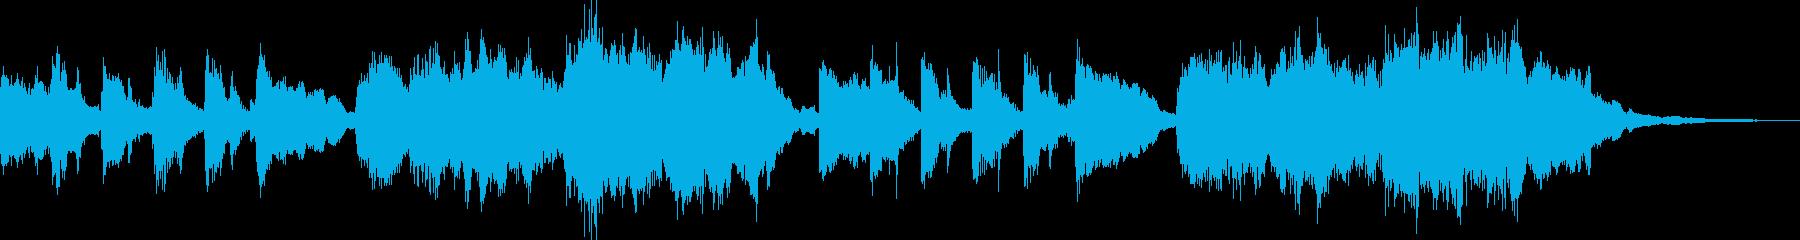 ほのぼのとしたオルゴール風ジングルの再生済みの波形